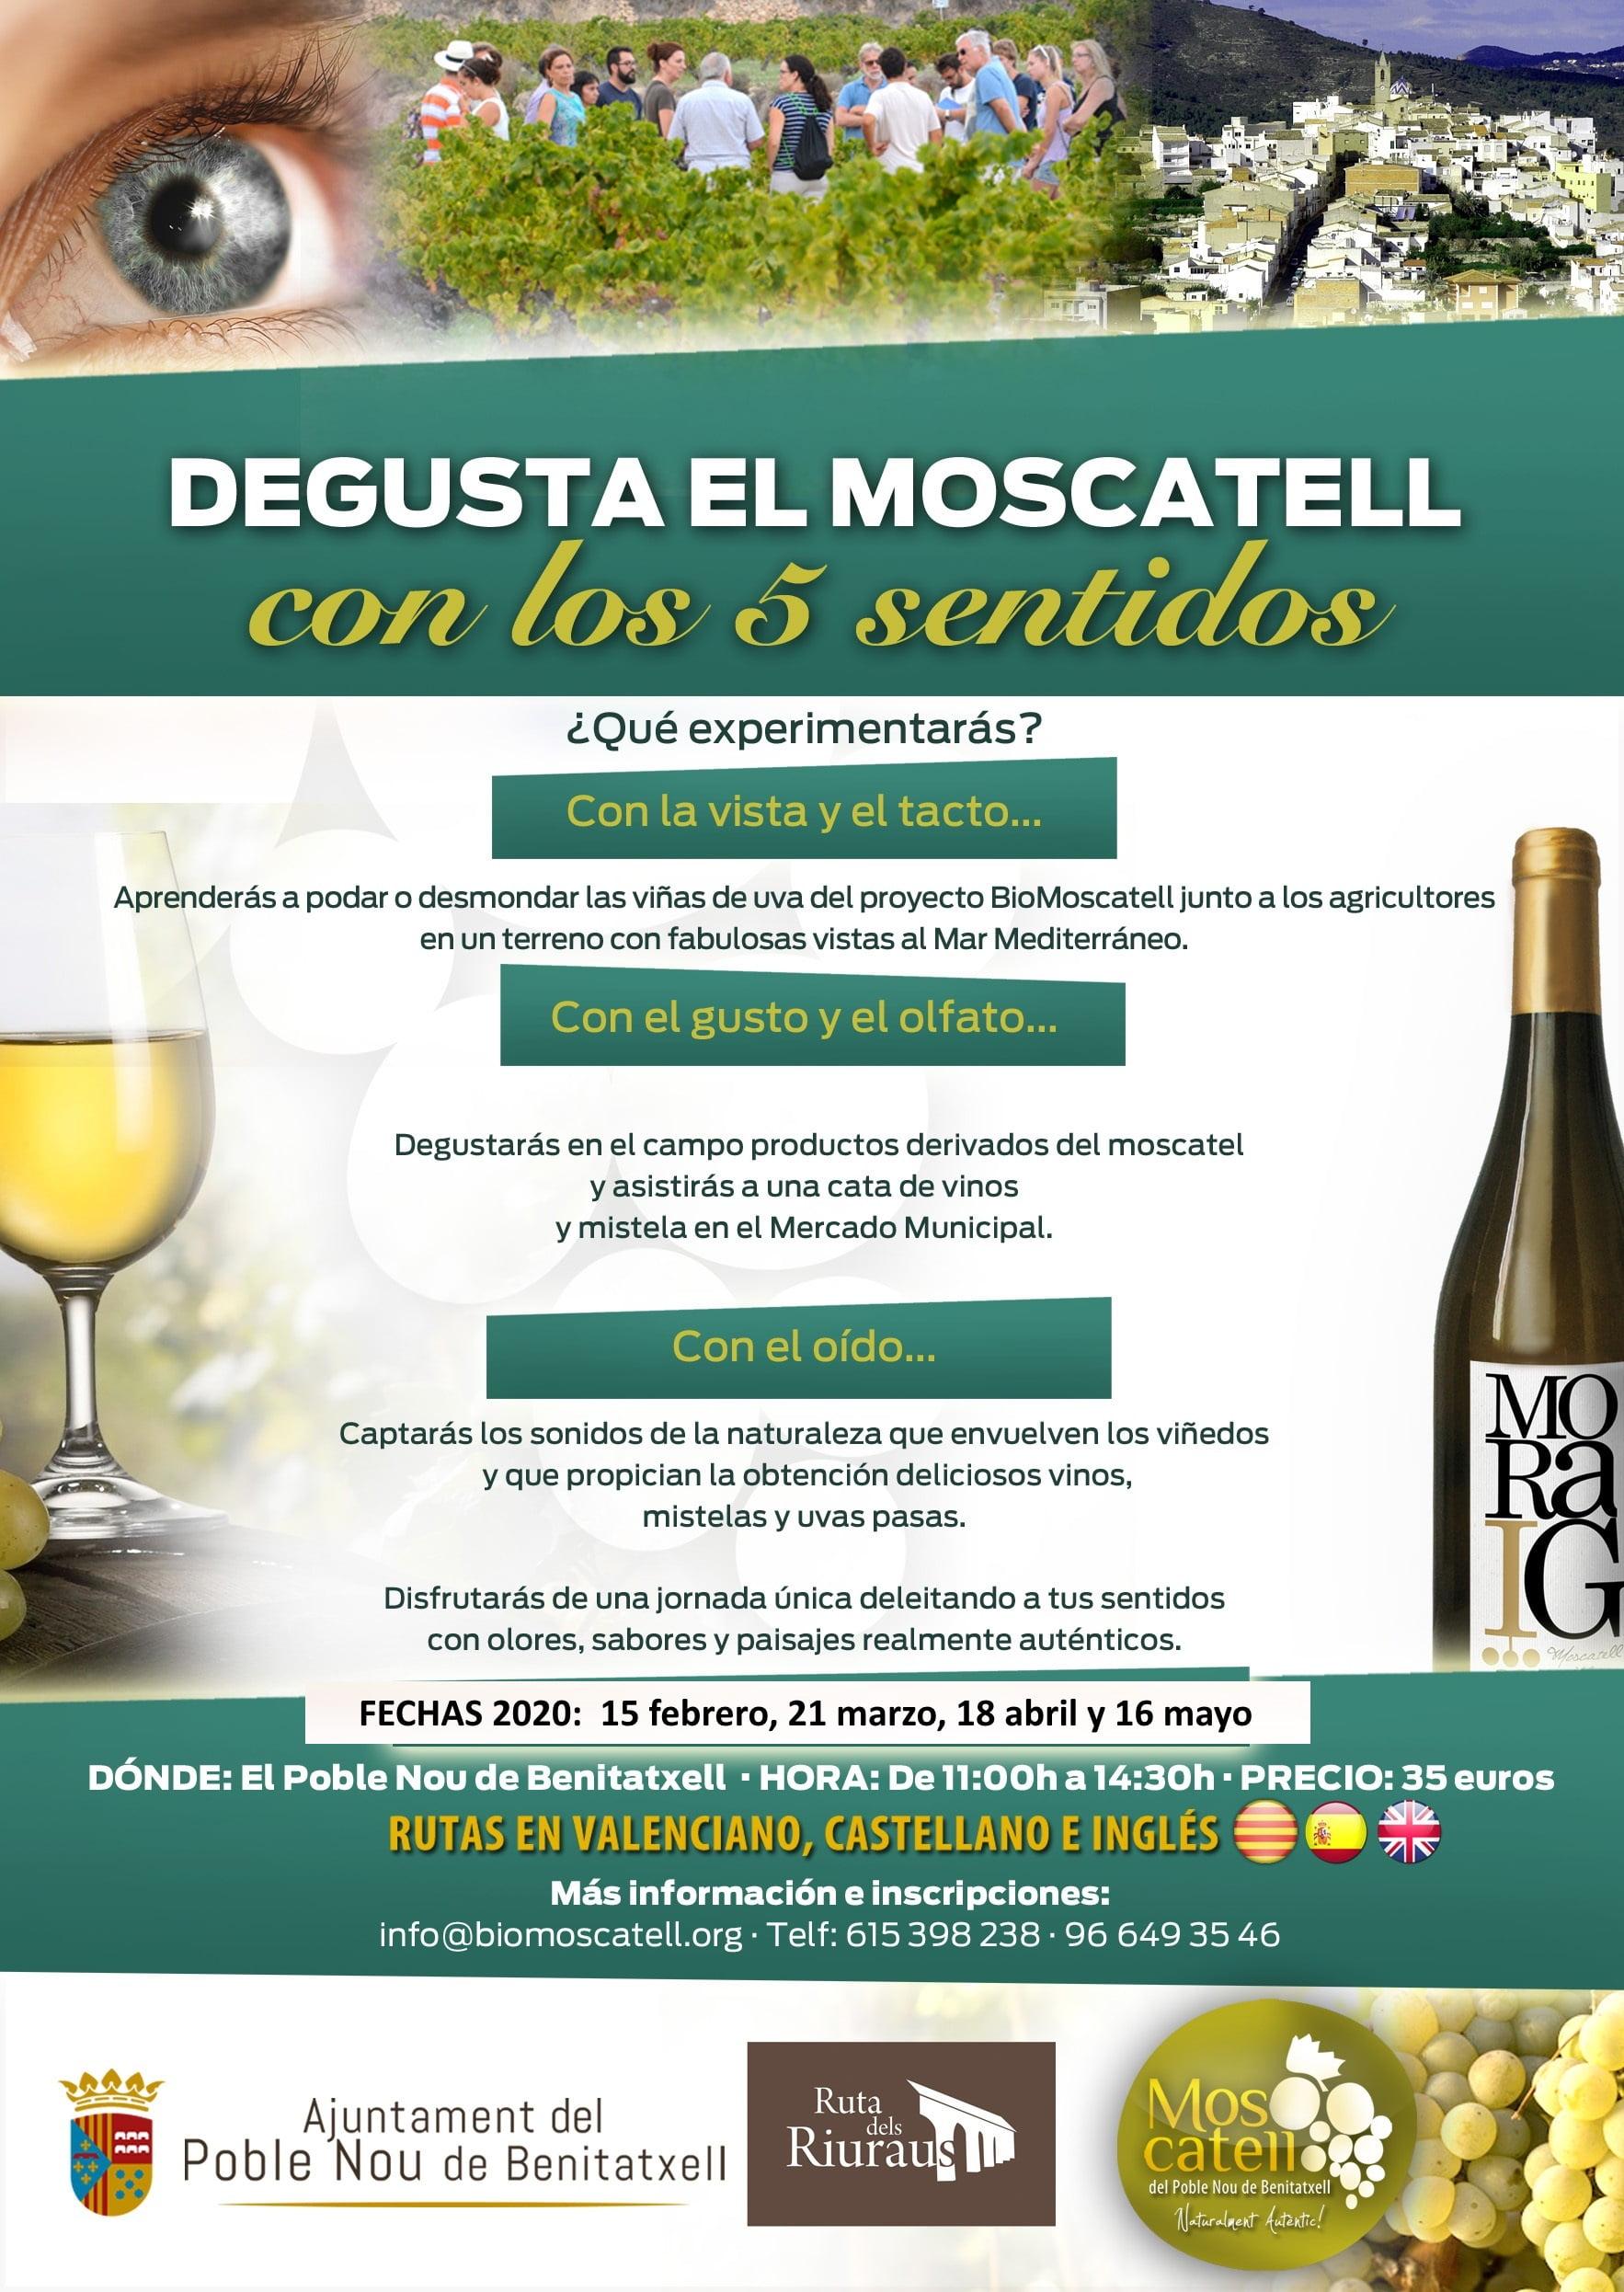 Rutas 'Degusta el Moscatell con los 5 sentidos'